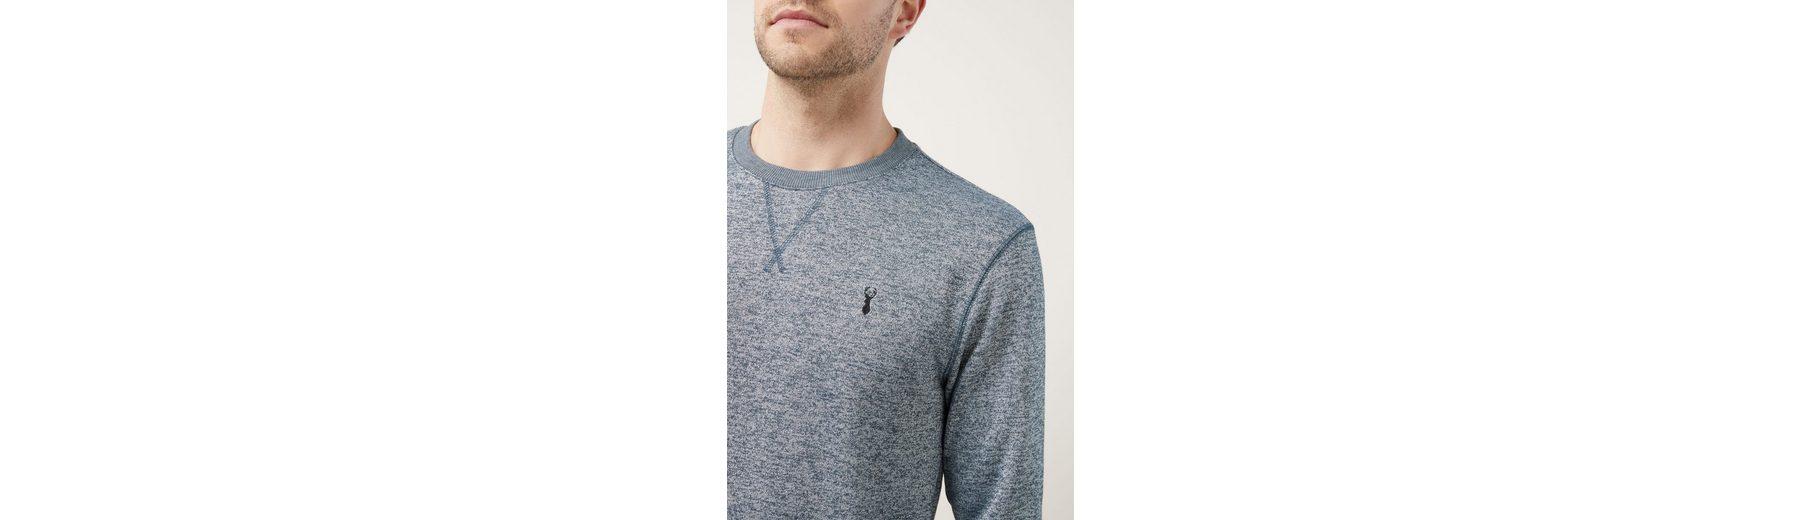 Next Sweatshirt mit Rundhalsausschnitt, meliert